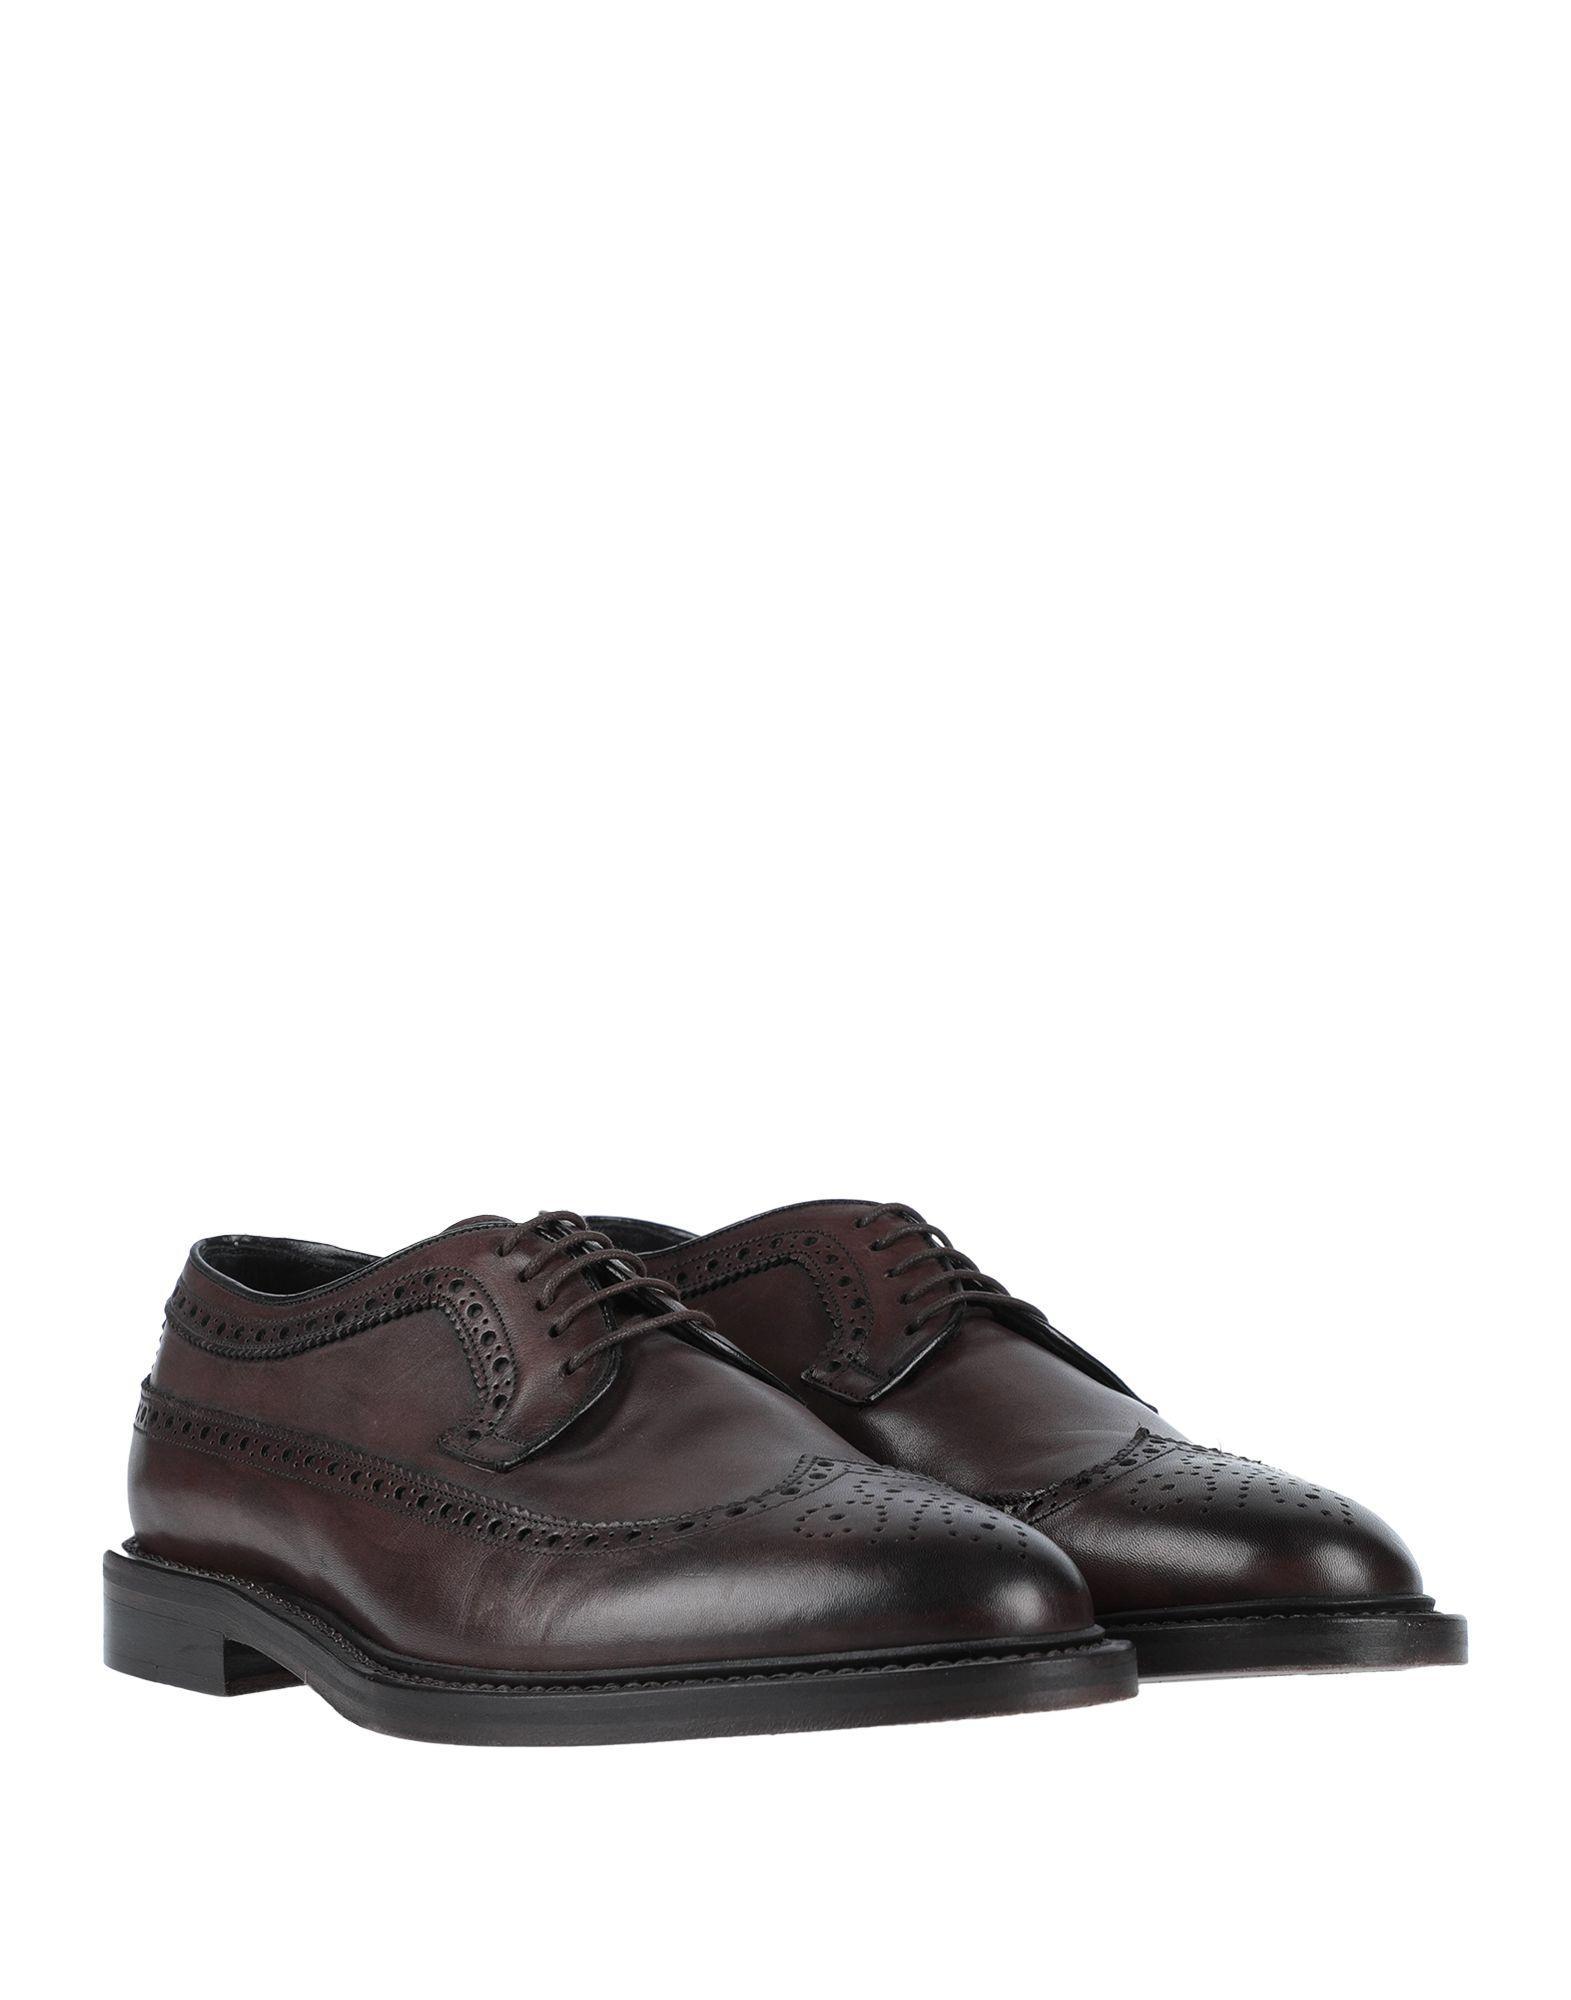 Zapatos de cordones Dolce & Gabbana de Cuero de color Marrón para hombre